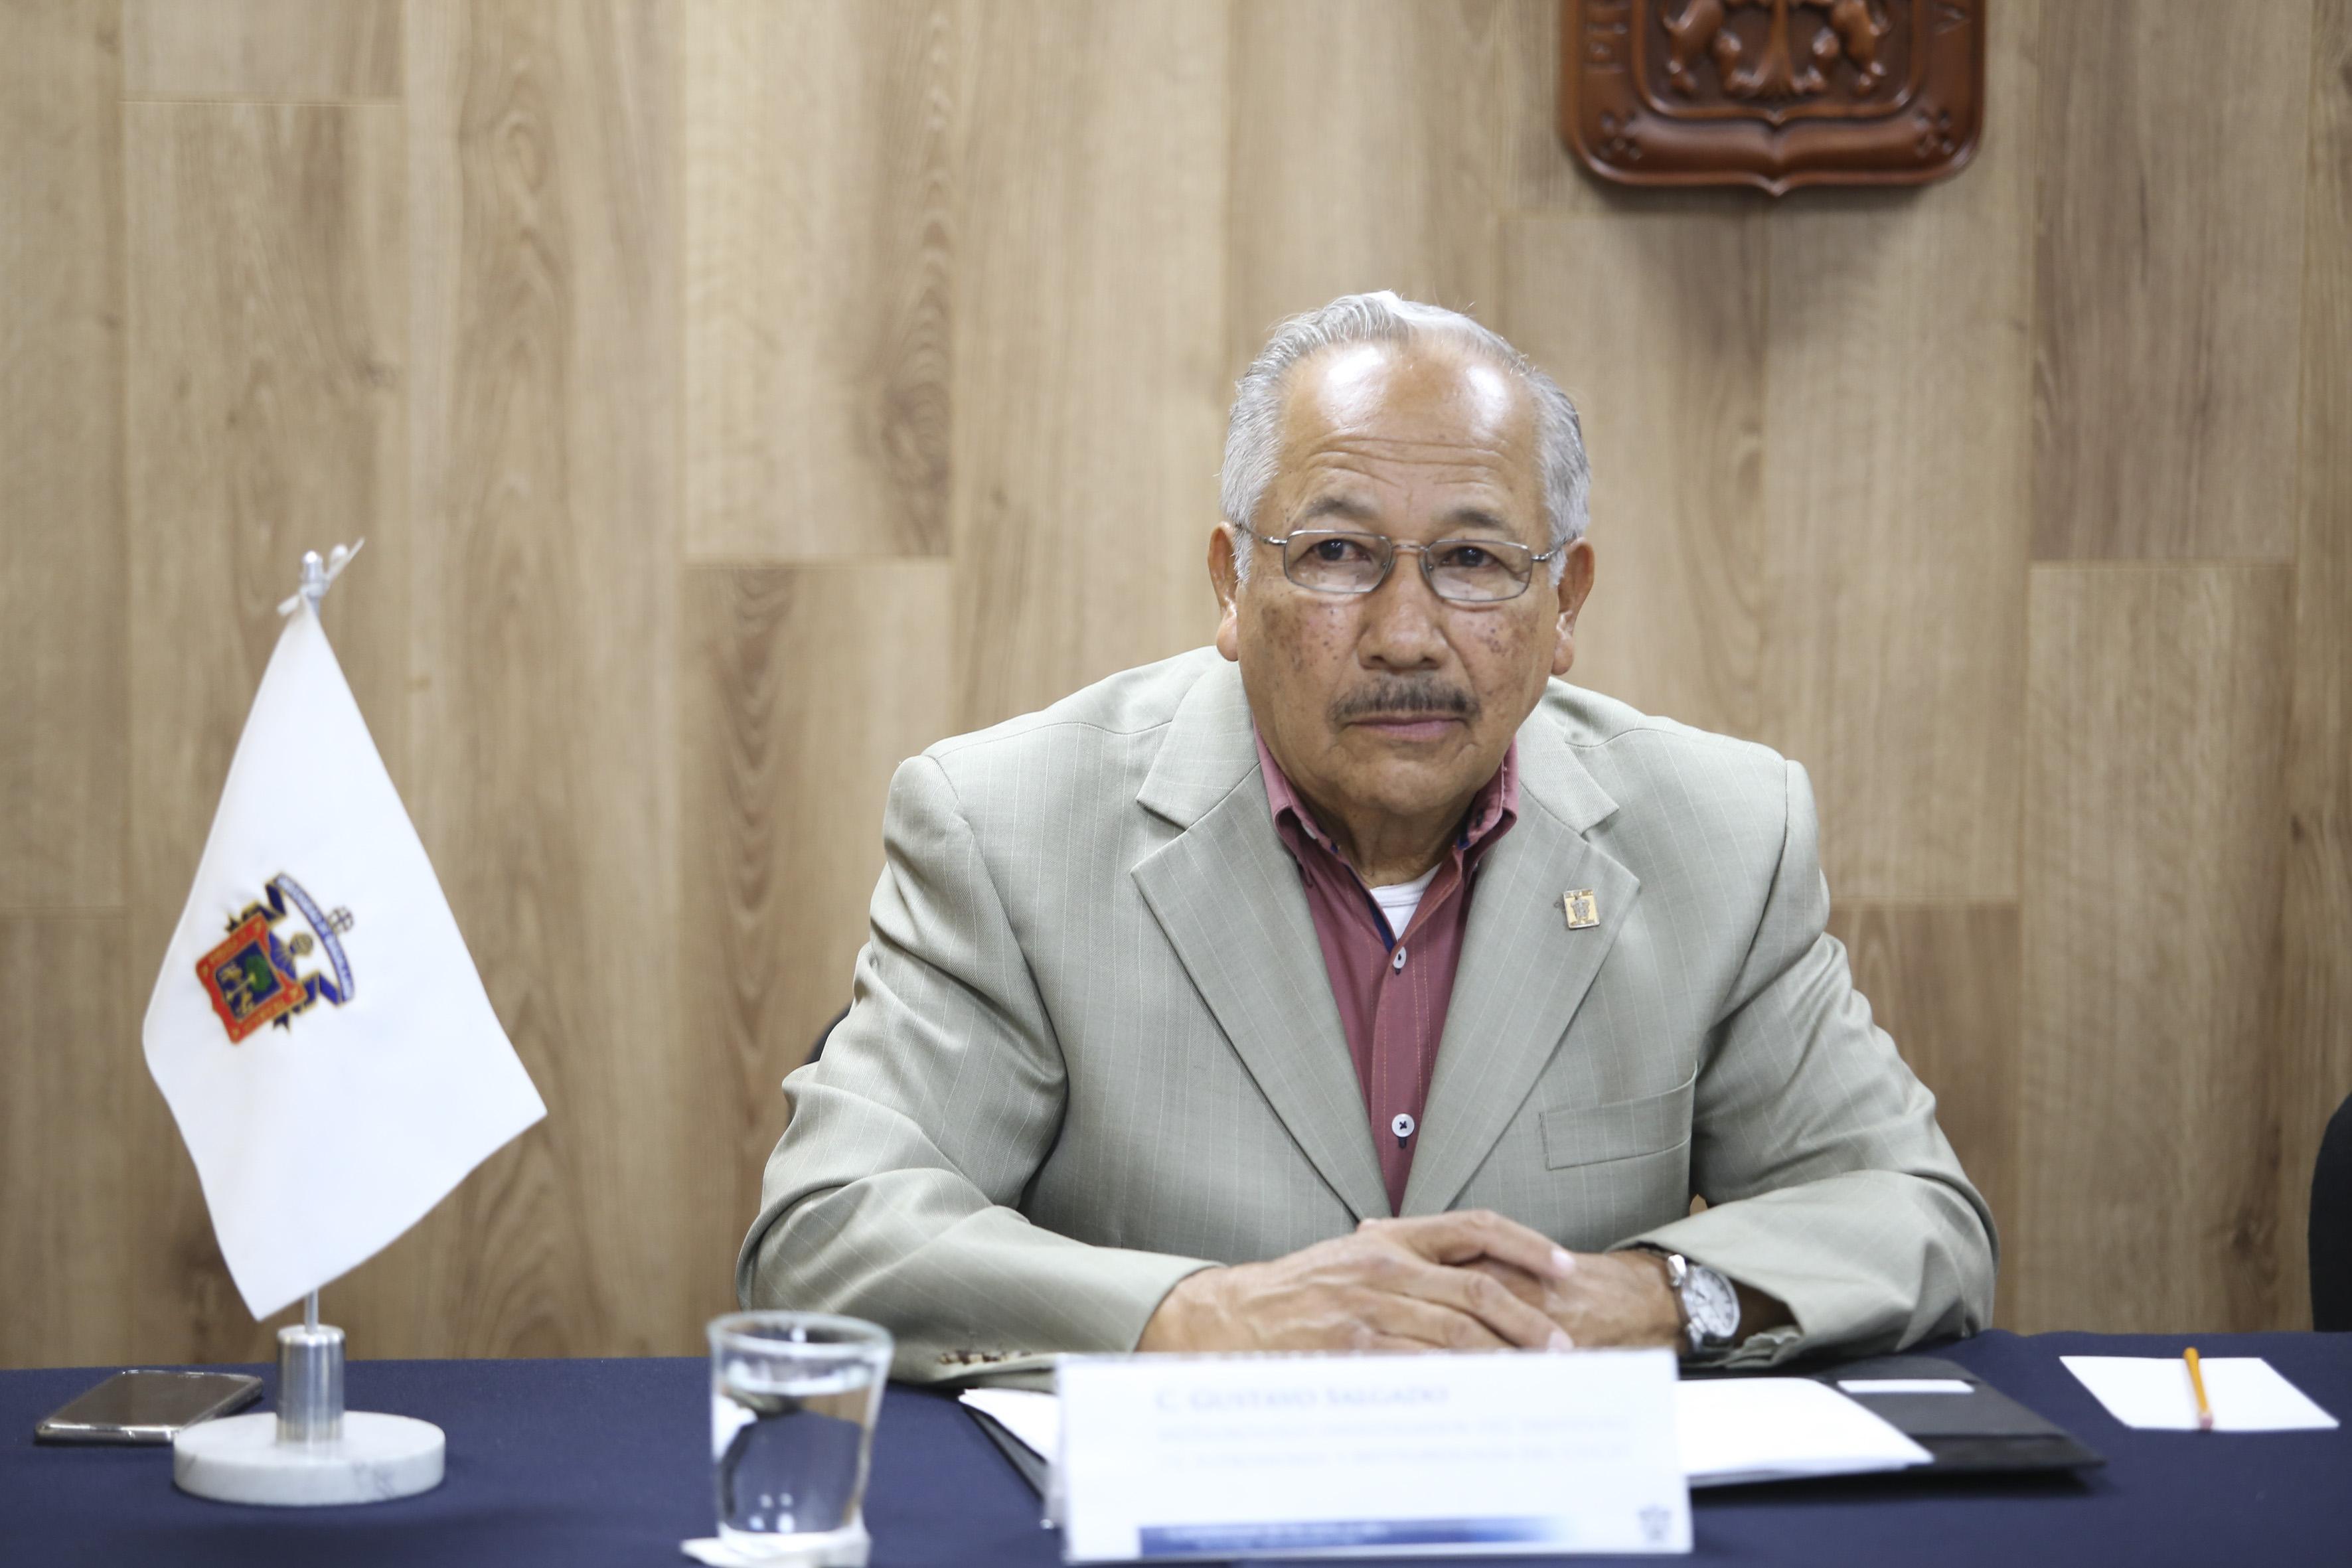 Meteorólogo Gustavo Salgado Rodríguez, académico del CUCEI e investigador del Instituto de Astronomía y Meteorología de la Universidad de Guadalajara.